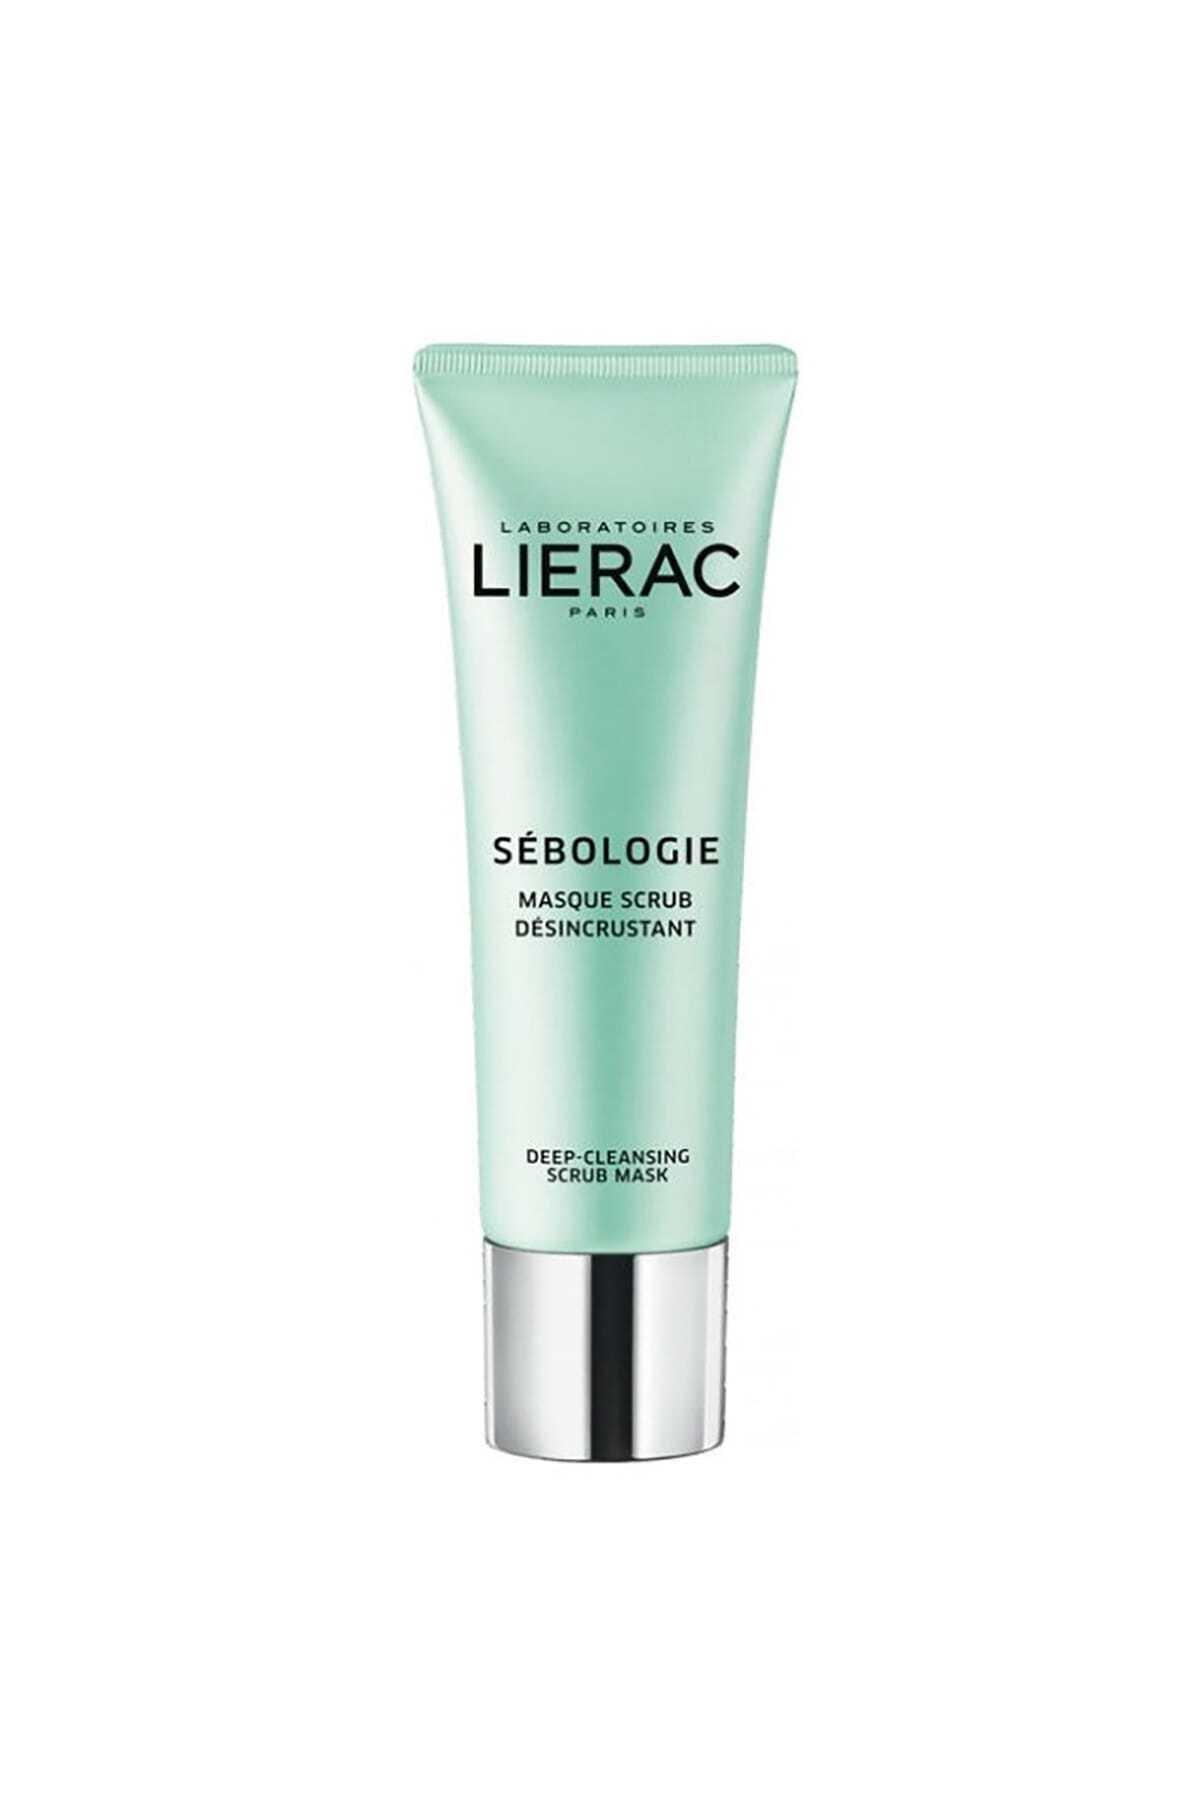 Lierac Scrub - Sebologie Deep Cleansing Scrub Mask 50 ml 3508240003999 1